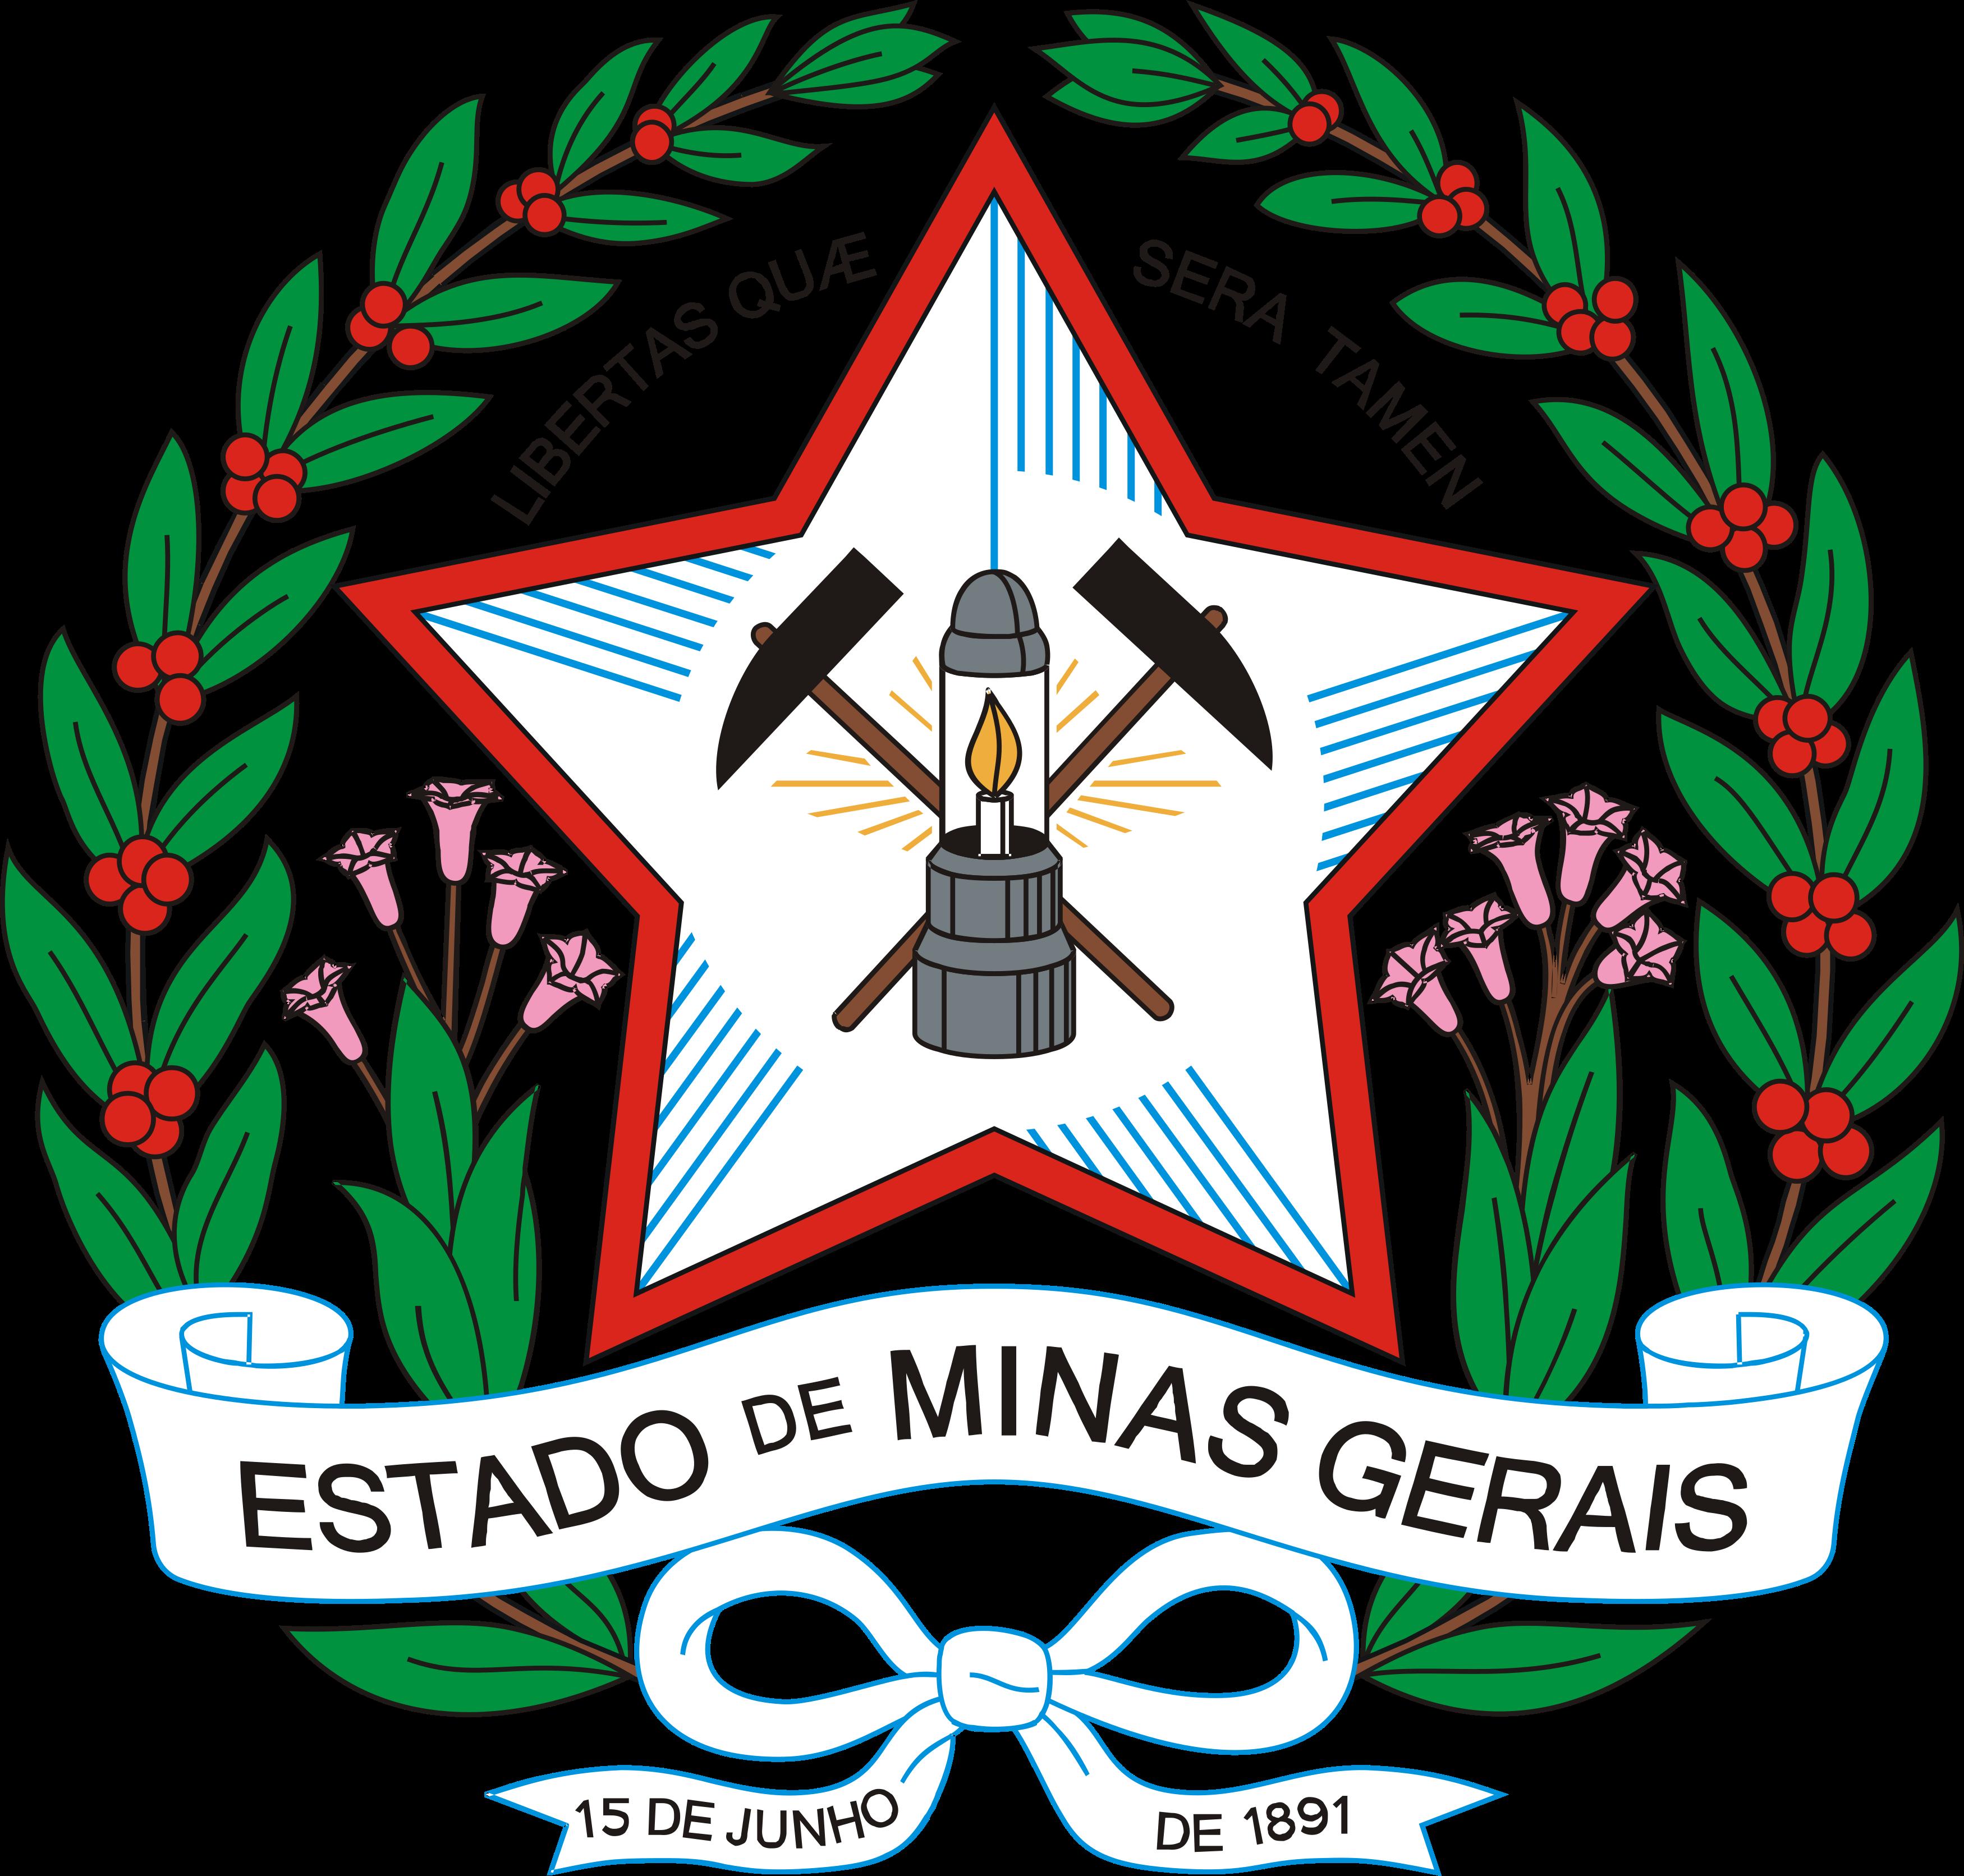 Brasão do Estado de Minas Gerais.